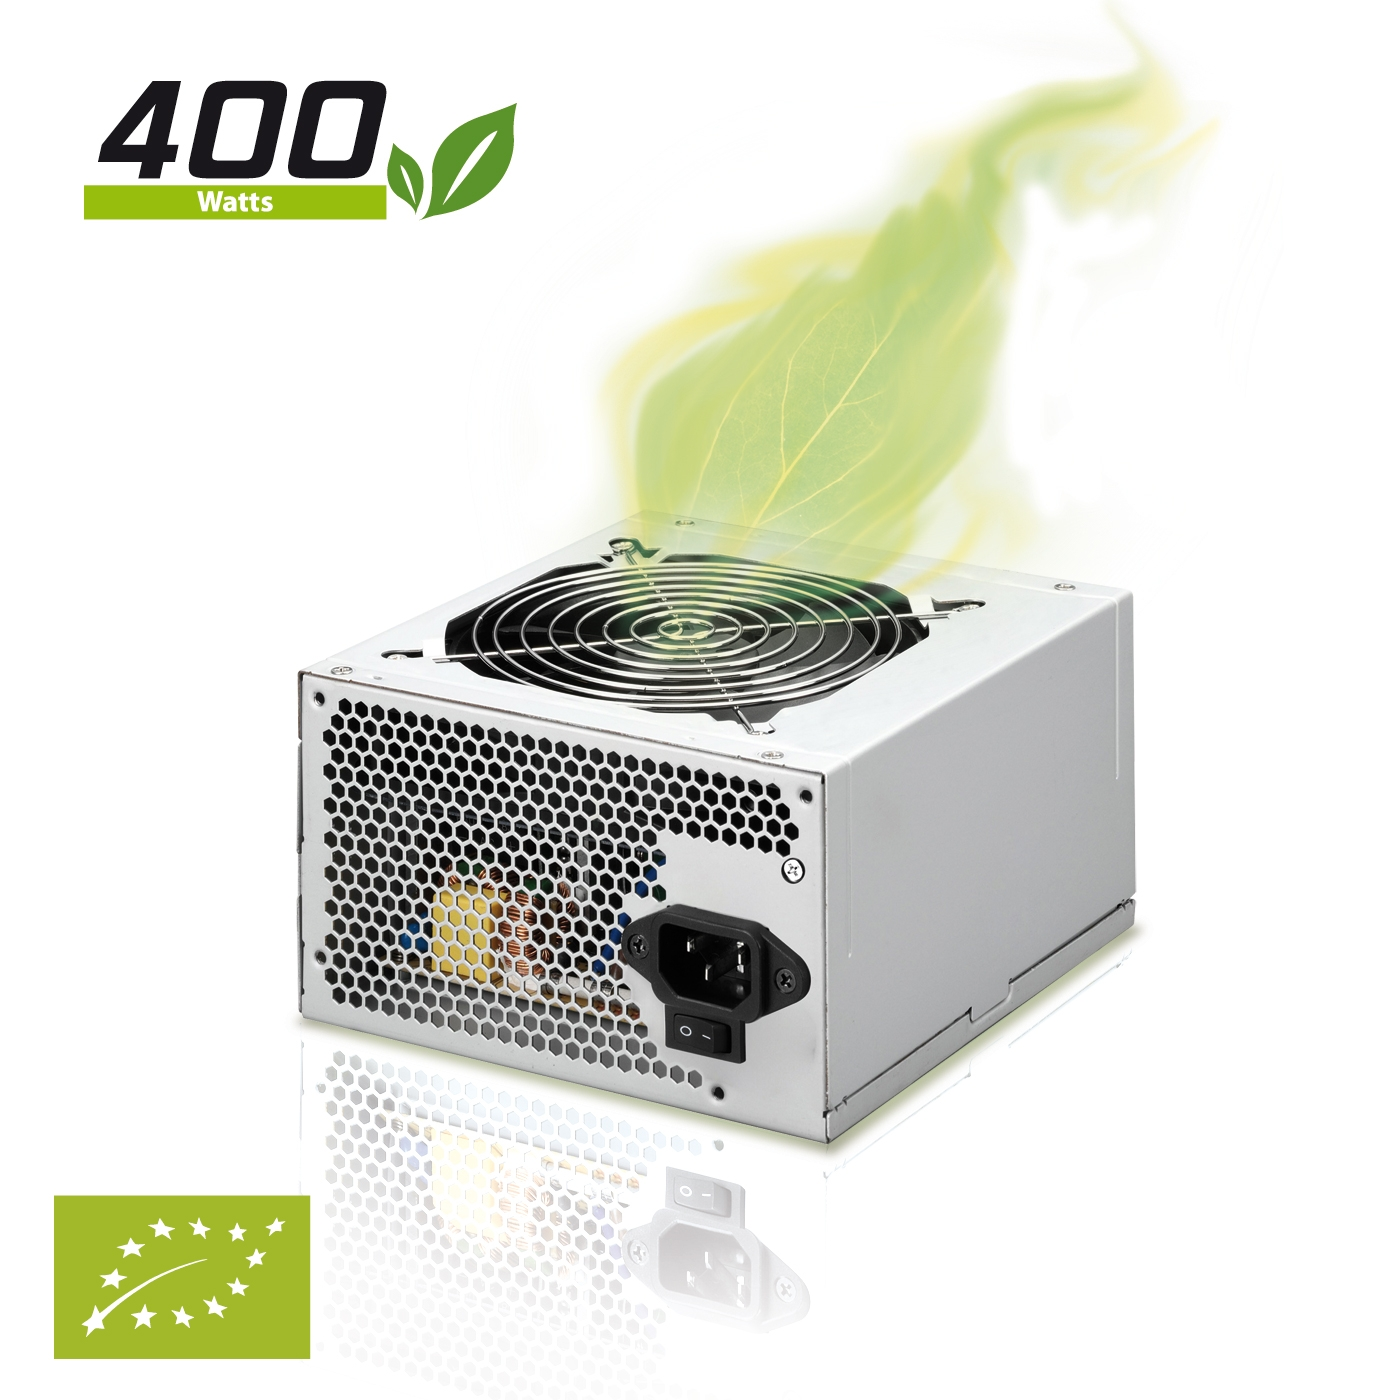 Fuente de alimentacion phoenix 400w atx p4 ready  ventilador 12cm certificacion europea